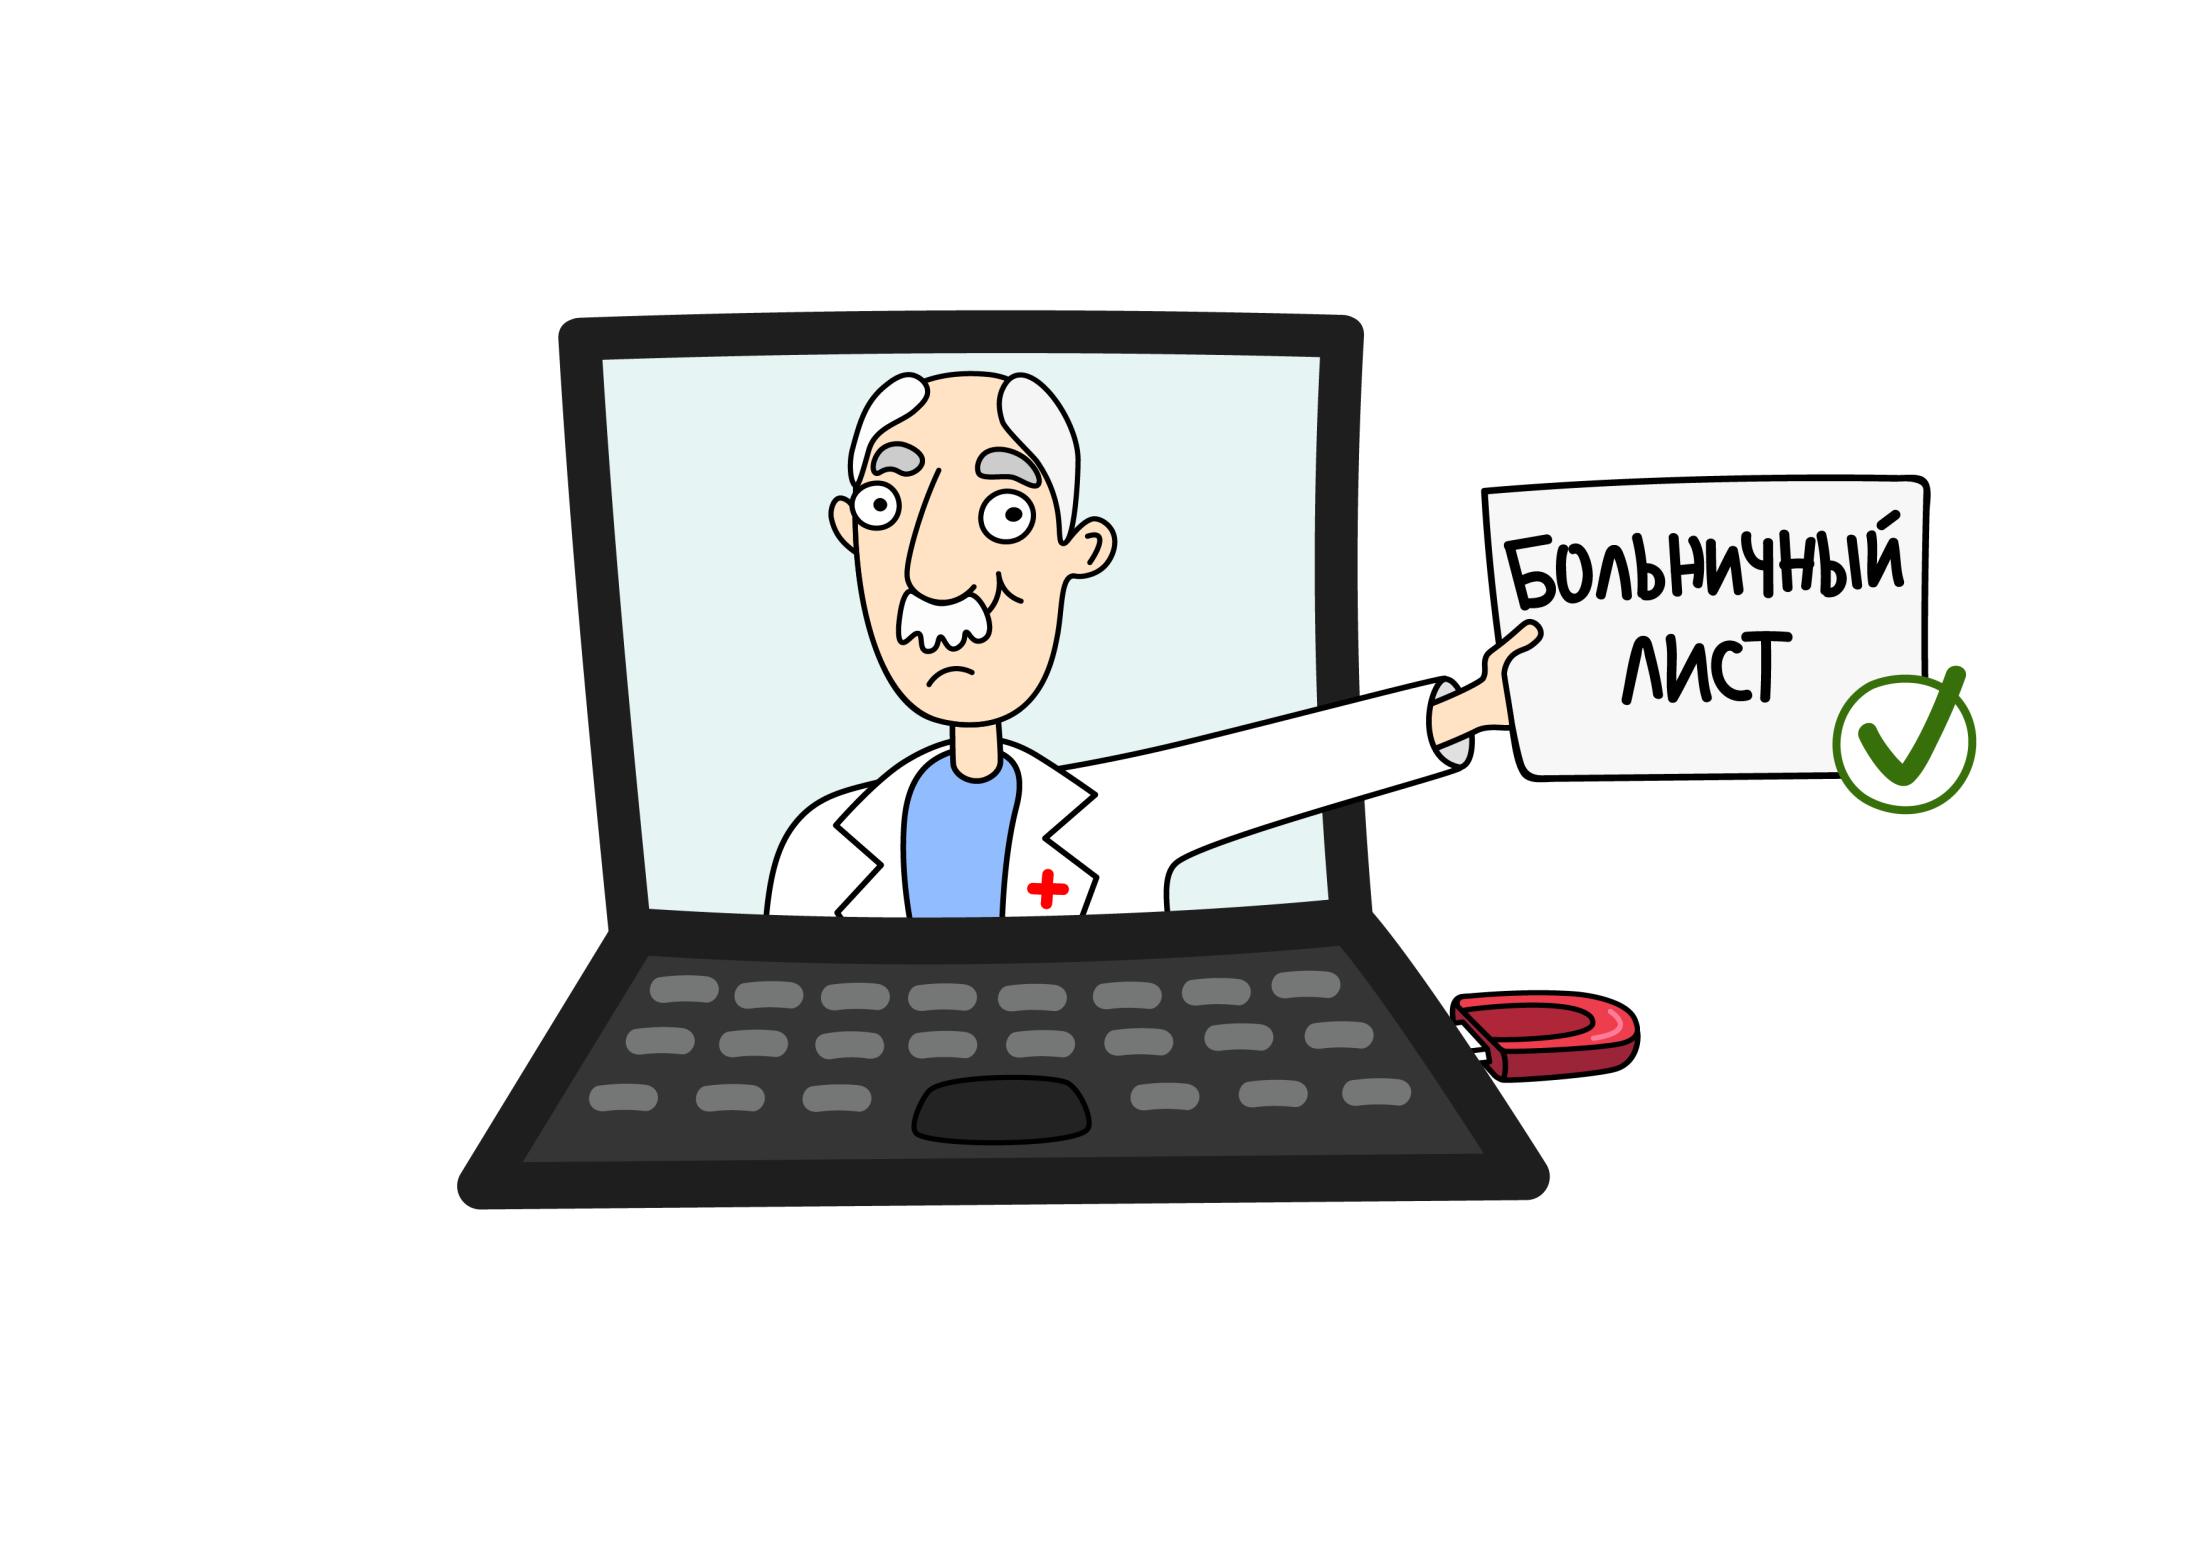 Электронные больничные листы— ЭЦП длялистков нетрудоспособности